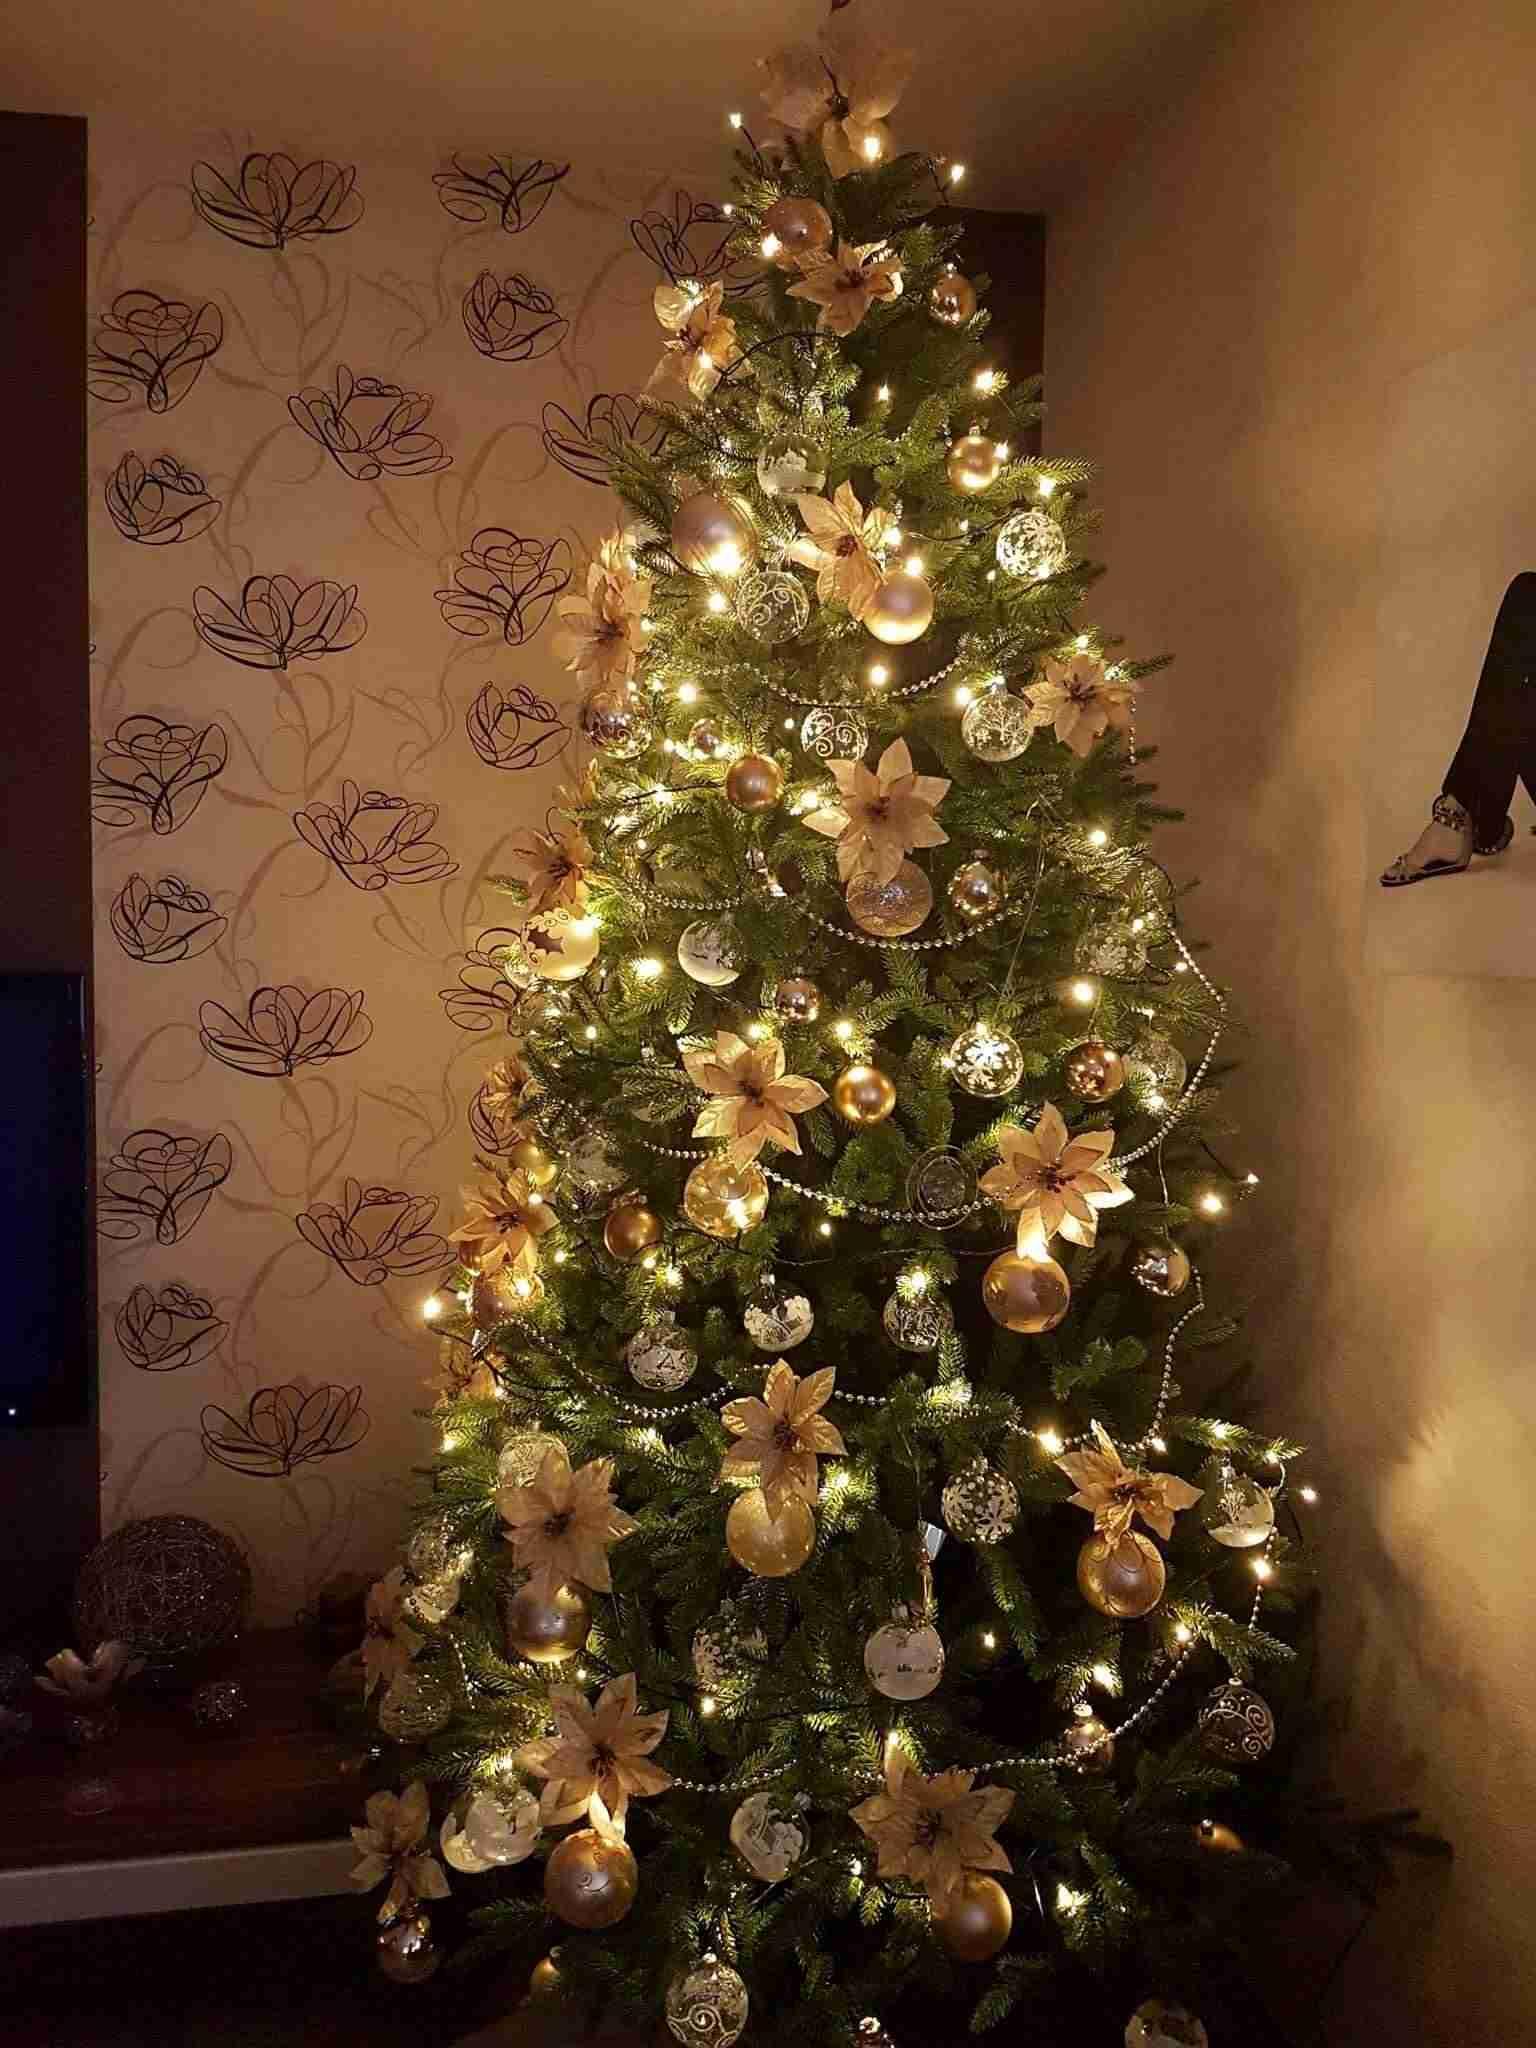 3582f84ff Zlatá a strieborná. To sú dve farby, ktoré k Vianociam neodmysliteľne  patria. Vianočný stromček ozdobte kvetmi z rastliny zvanej Vianočná hviezda.